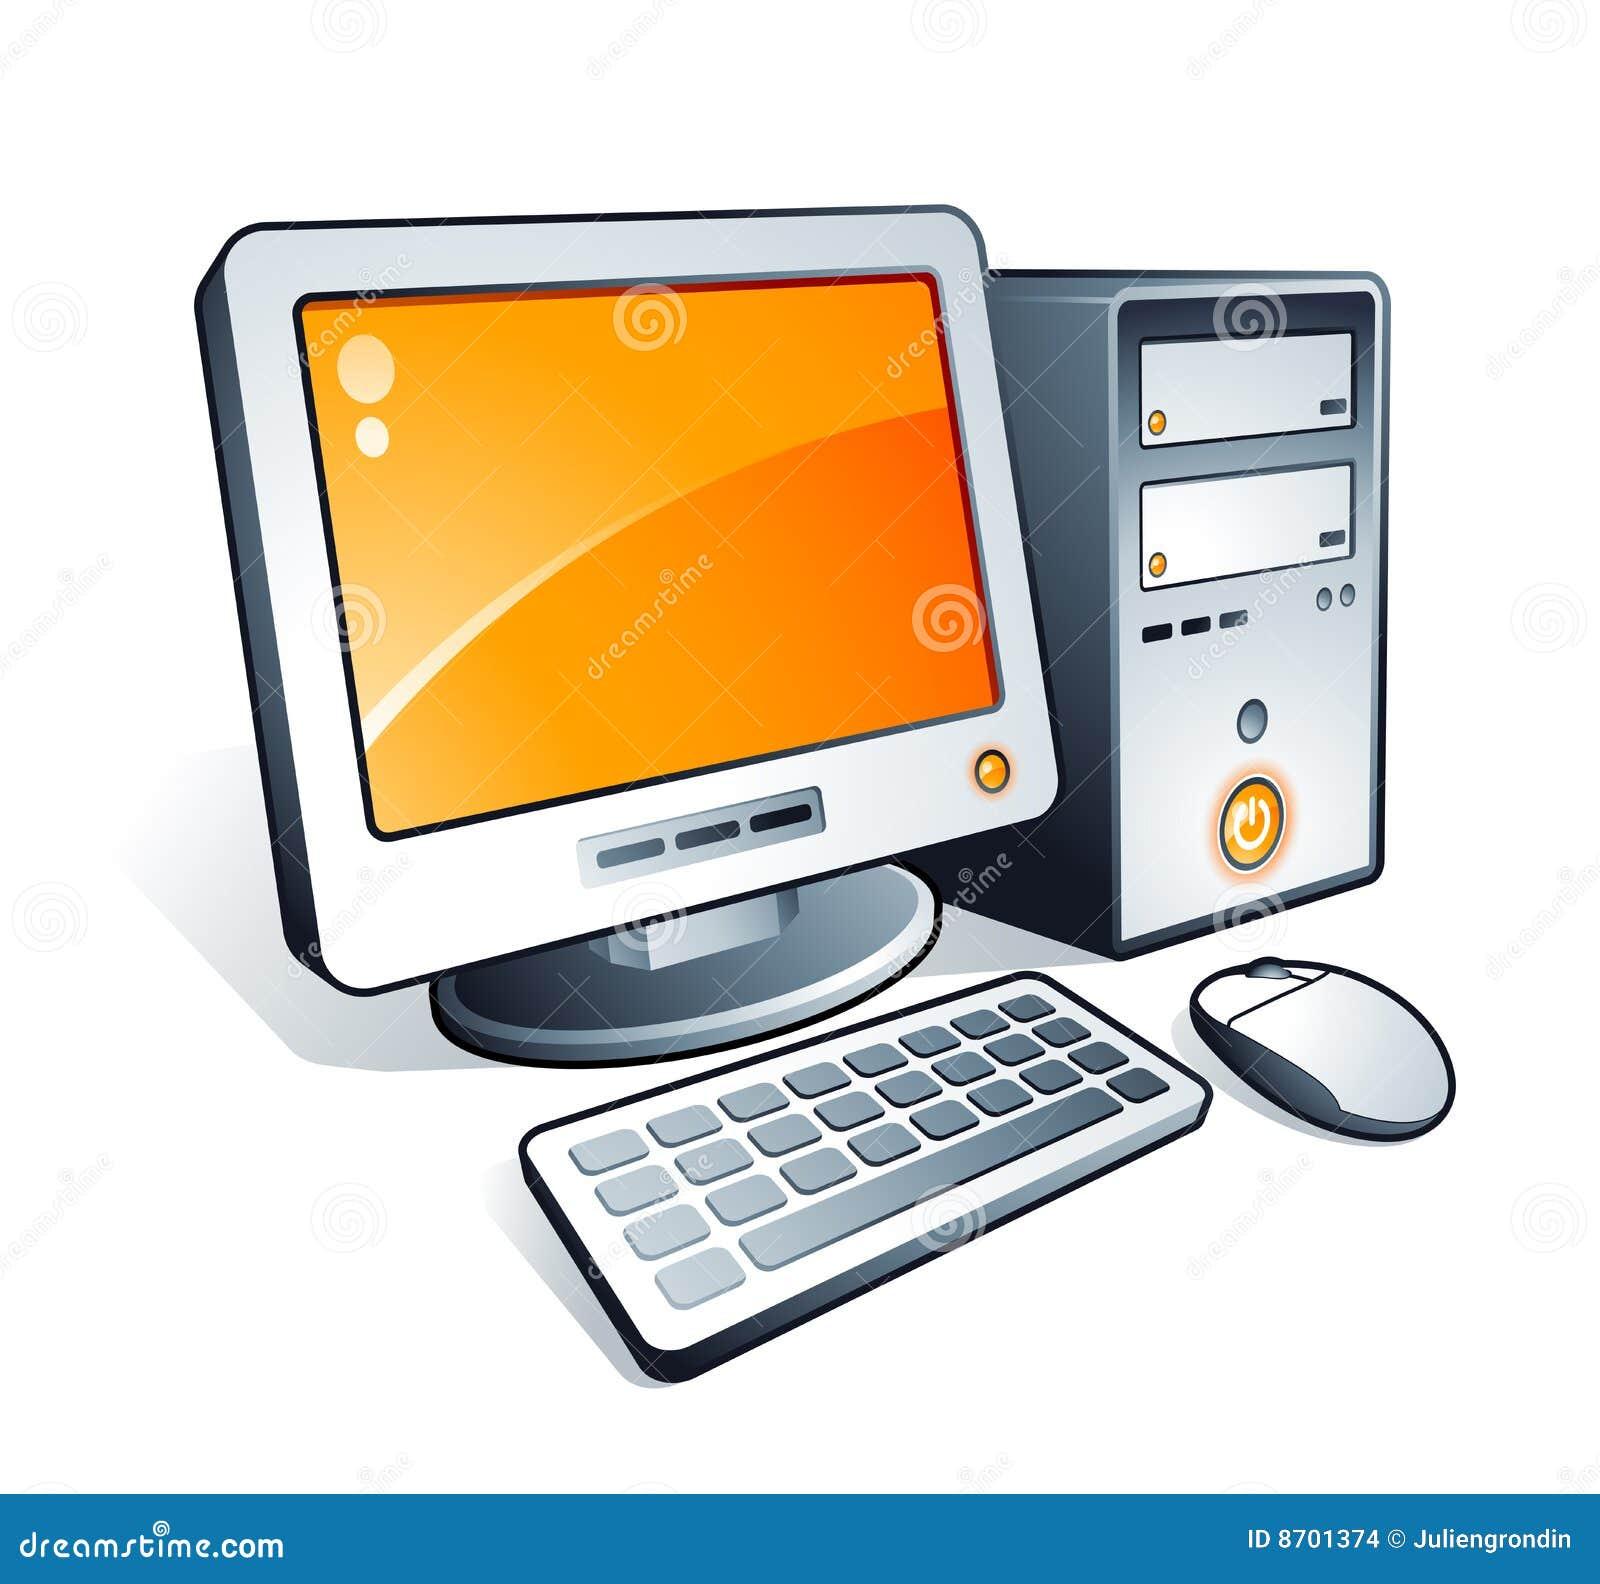 Computadora de escritorio ilustraci n del vector for Imagenes animadas para escritorio de computadora gratis